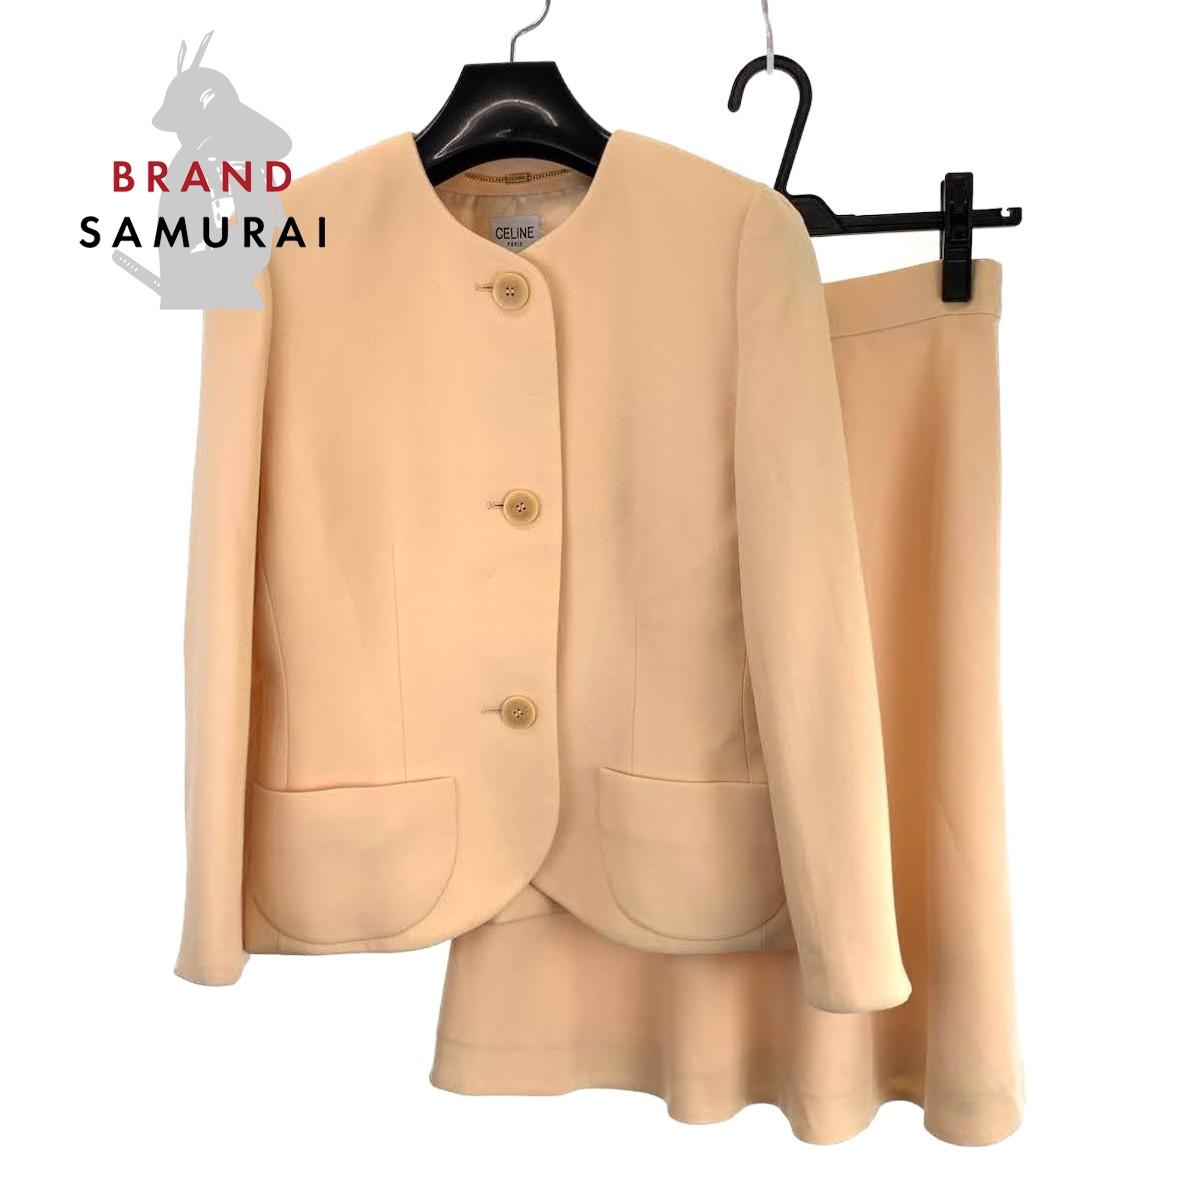 BRAND SAMURAI CELINE セリーヌ ヴィンテージ サイズ38 爆買いセール 100%ウール 本物◆ イエローベージュ ノーカラージャケット セットアップ 中古 102652 ウール スカートスーツ レディース